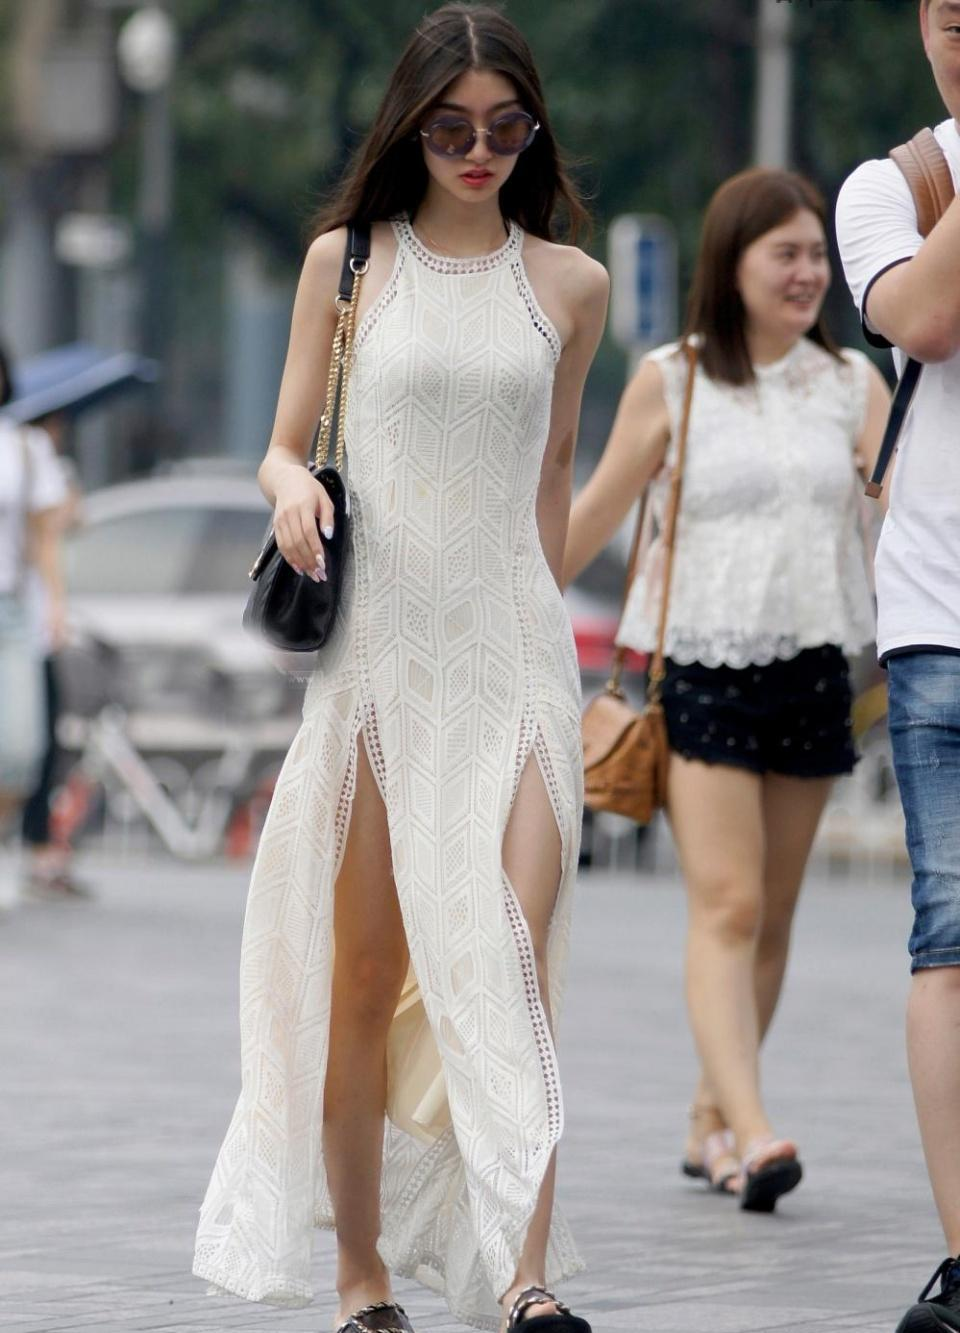 街拍: 行走的气质美女, 美背那道罩罩的痕迹很抢眼